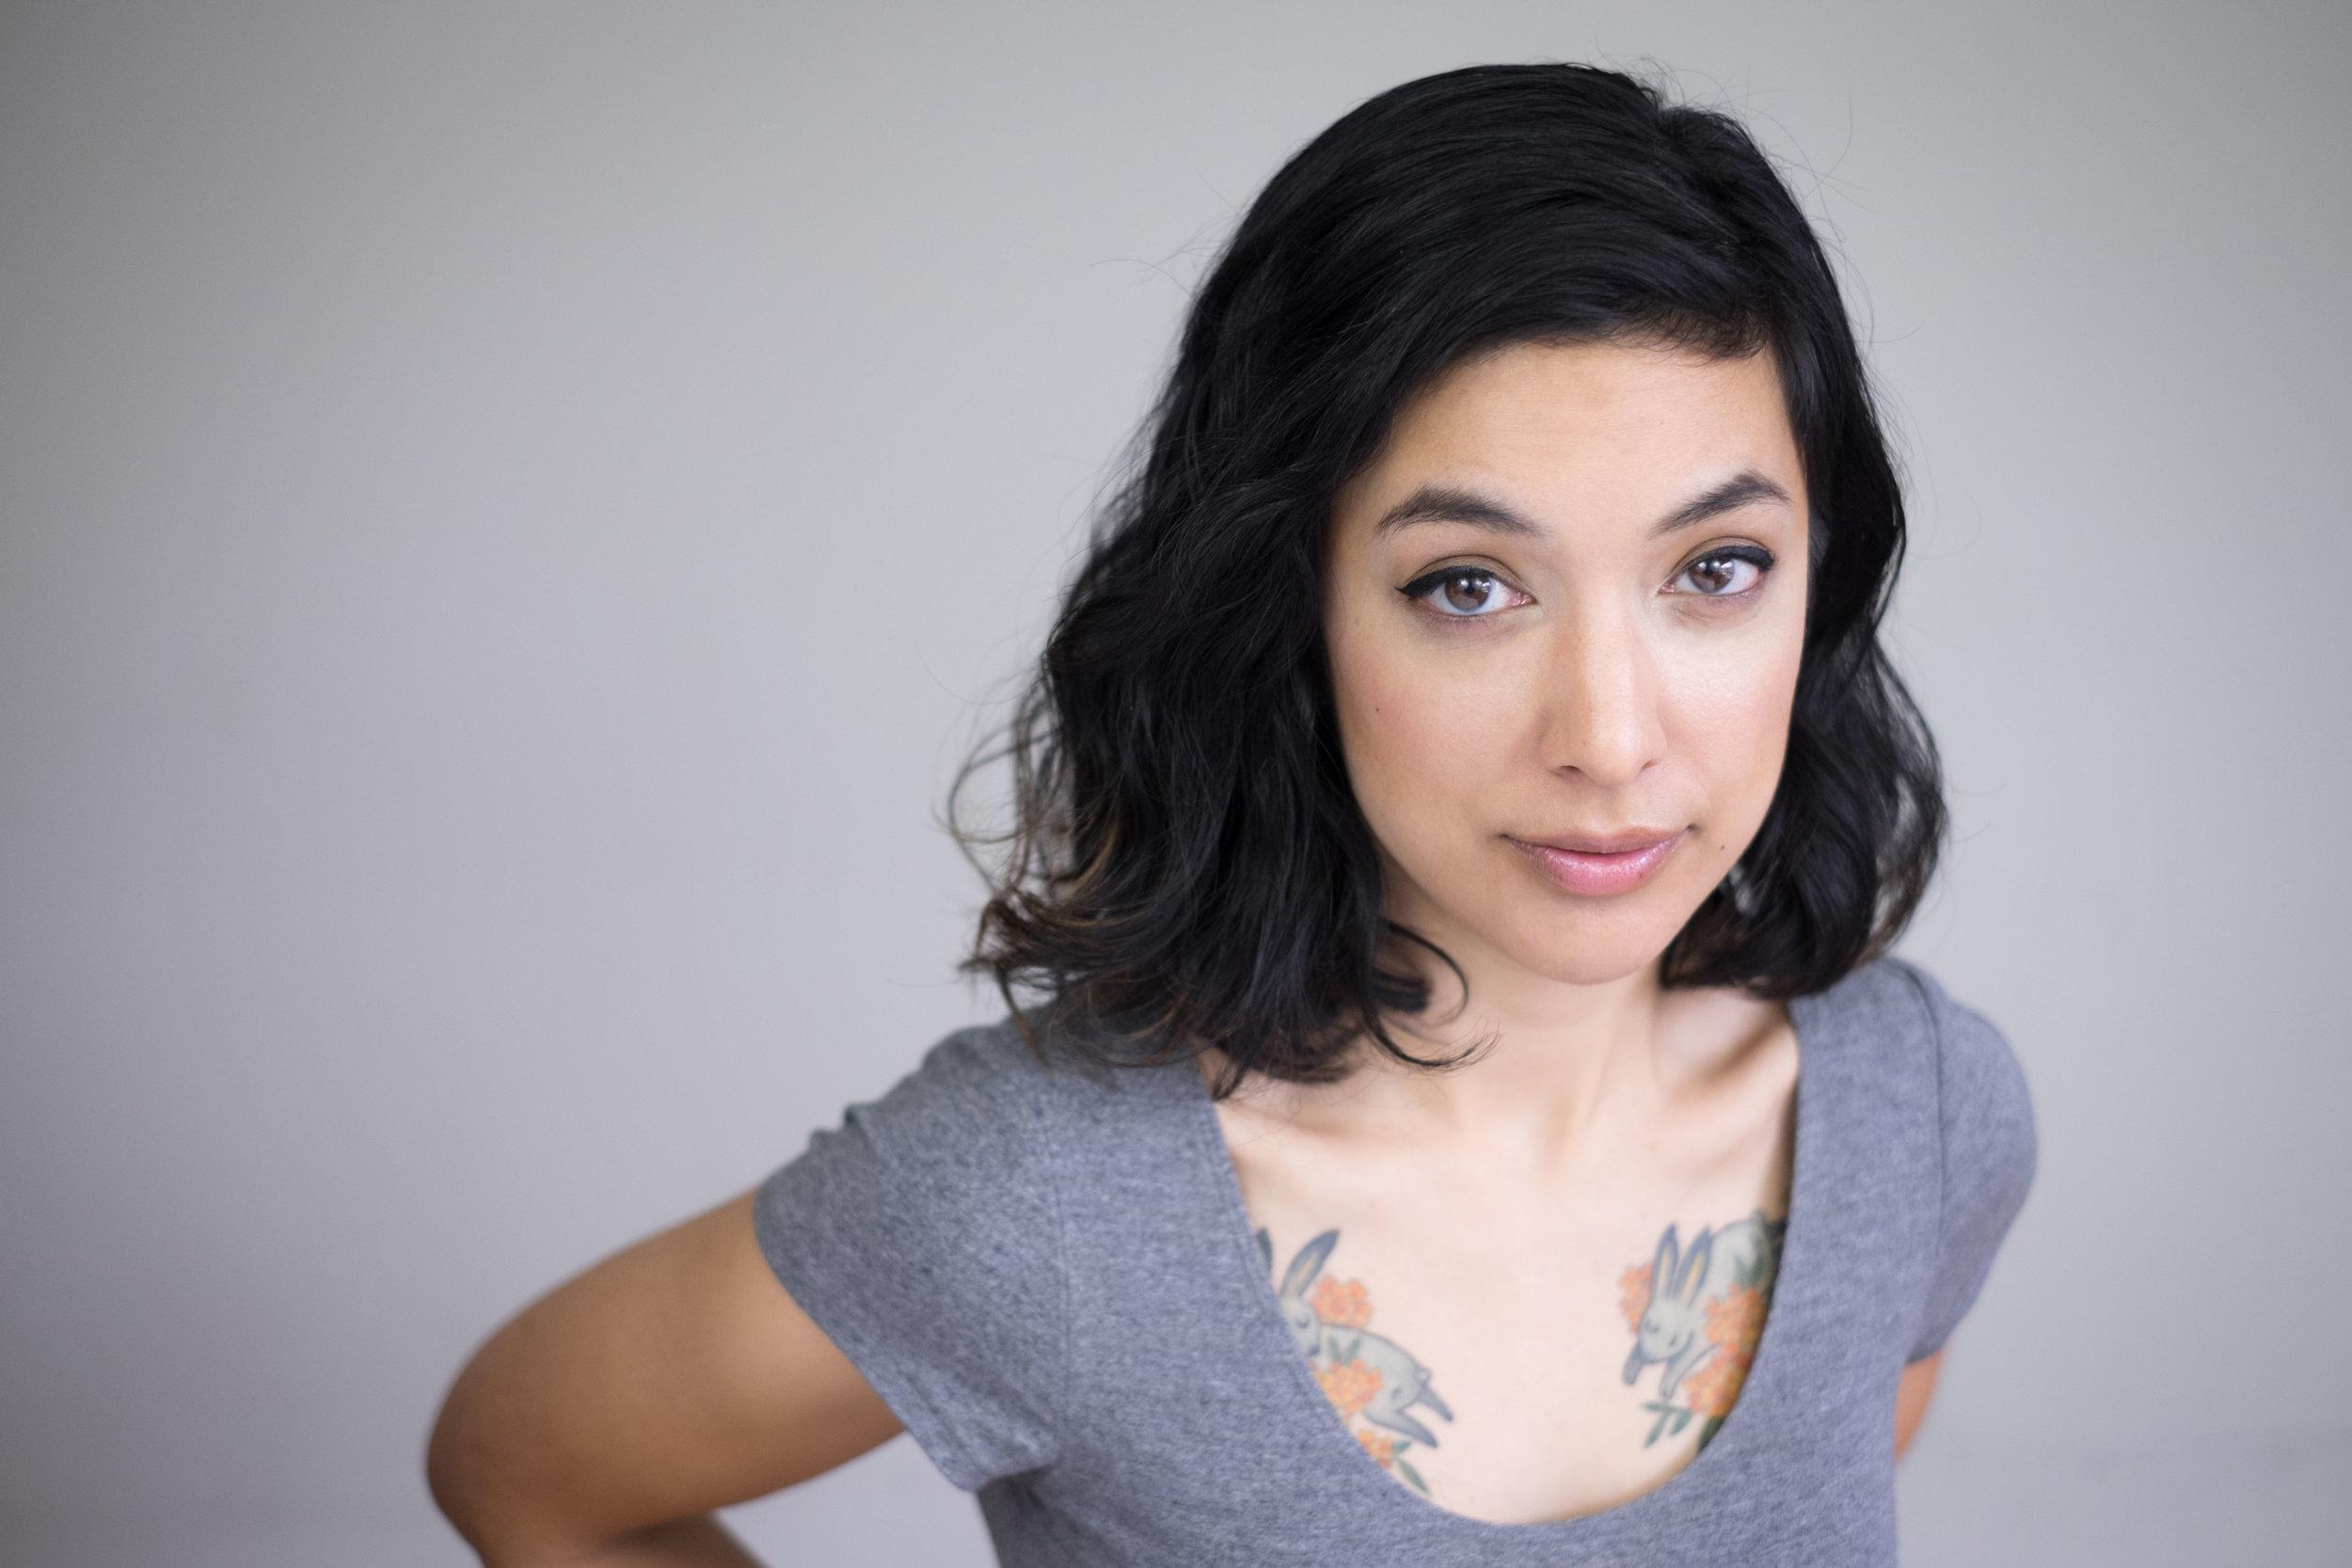 Isabel Zaw-Tun Headshot 1.jpg